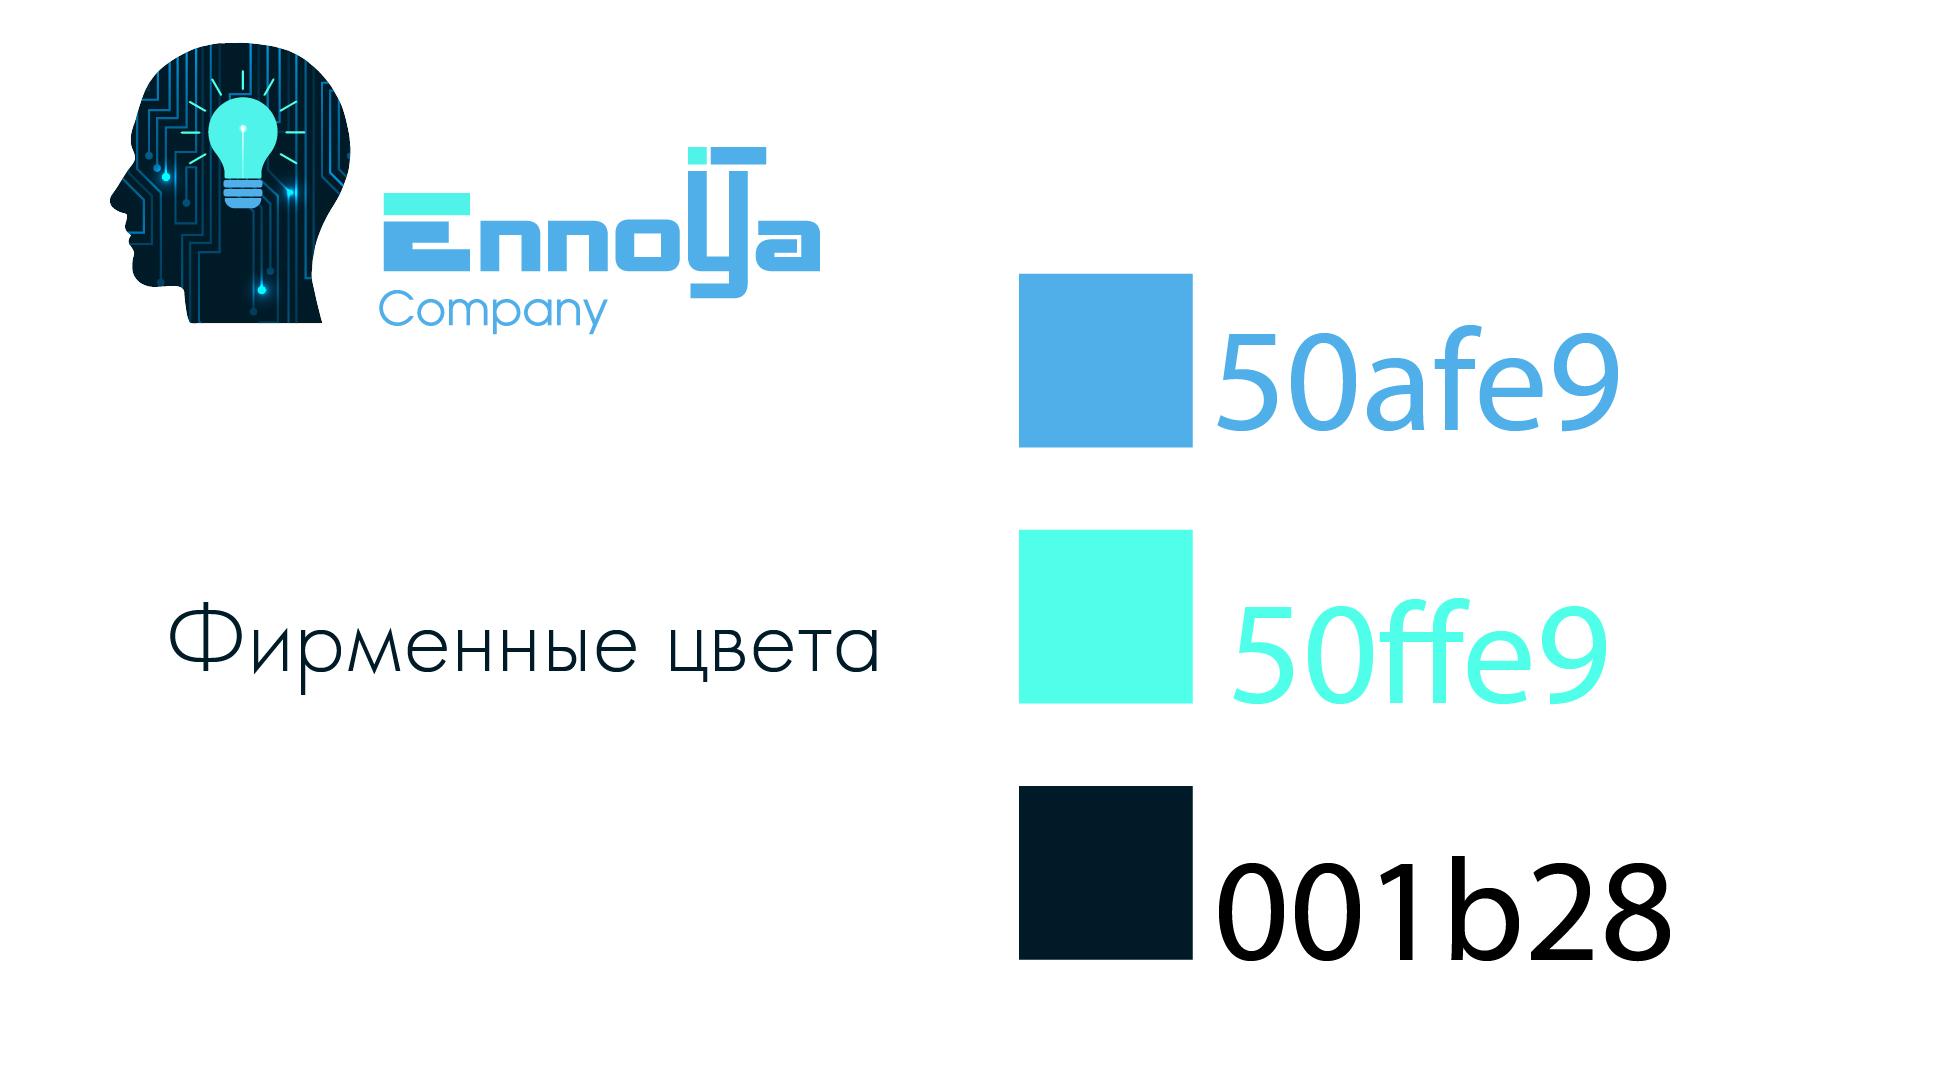 Логотип + фирменный стиль для продуктовой IT компании фото f_3365adaced766a89.jpg